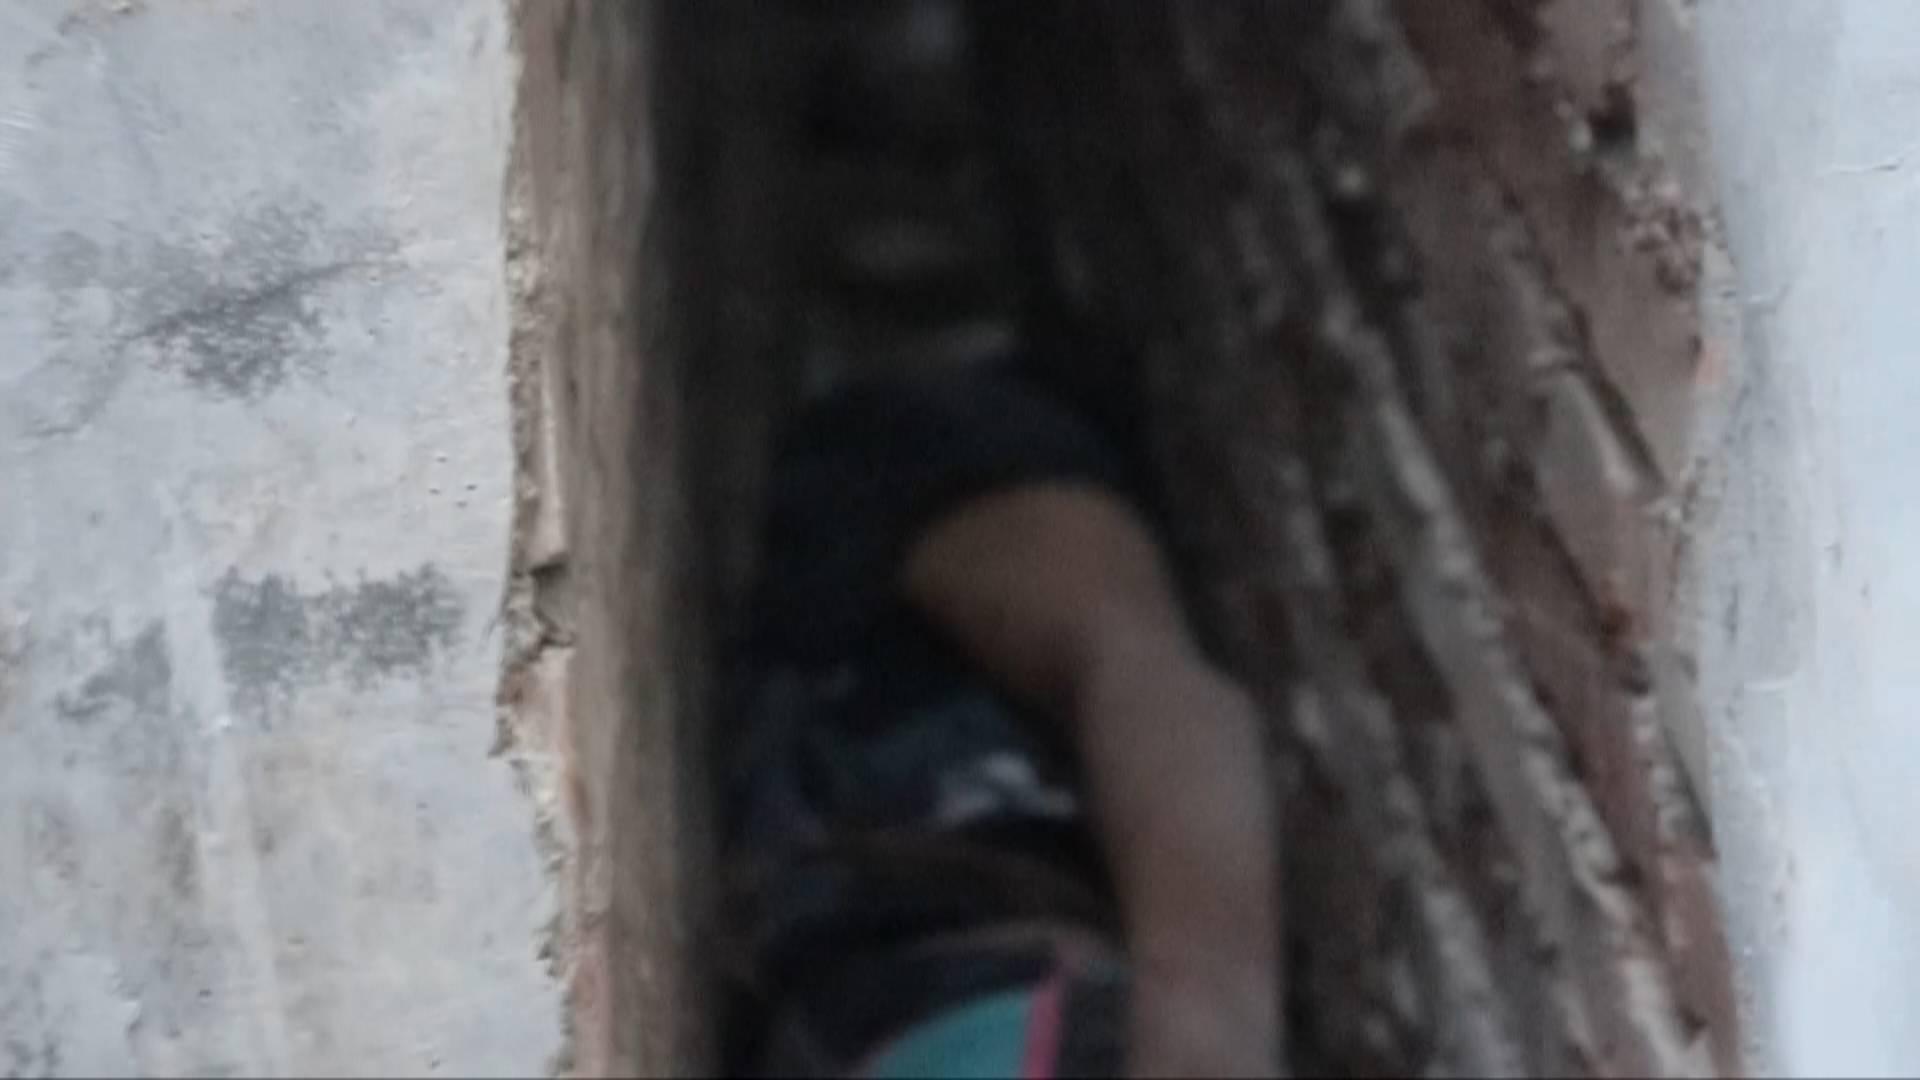 这是喝了多少?醉酒男子倒进20厘米墙缝4小时  消防员徒手托住身体成功救出